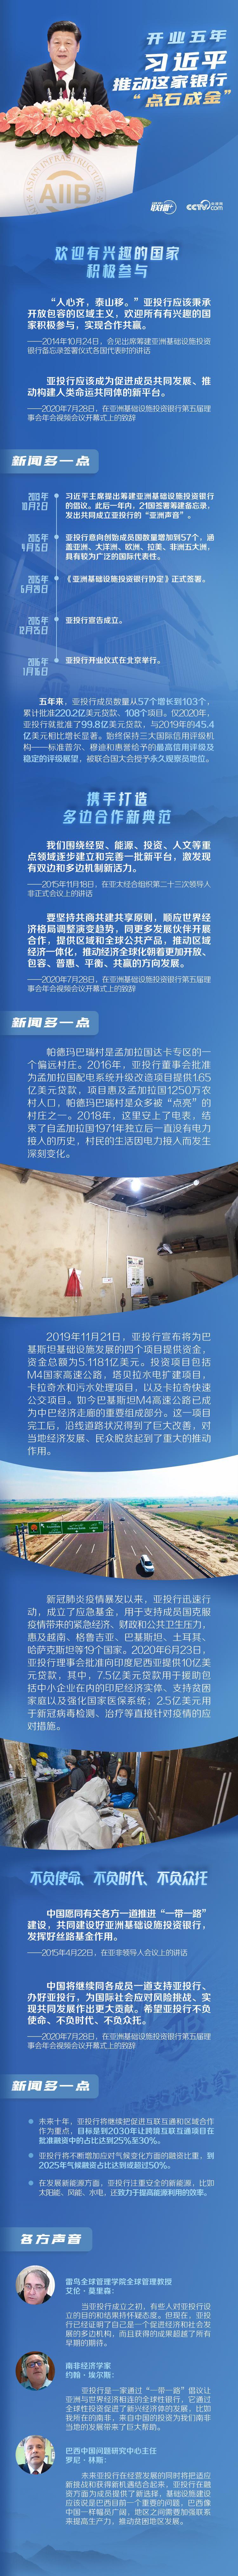 """开业五年 习近平推动这家银行""""点石成金""""图片"""